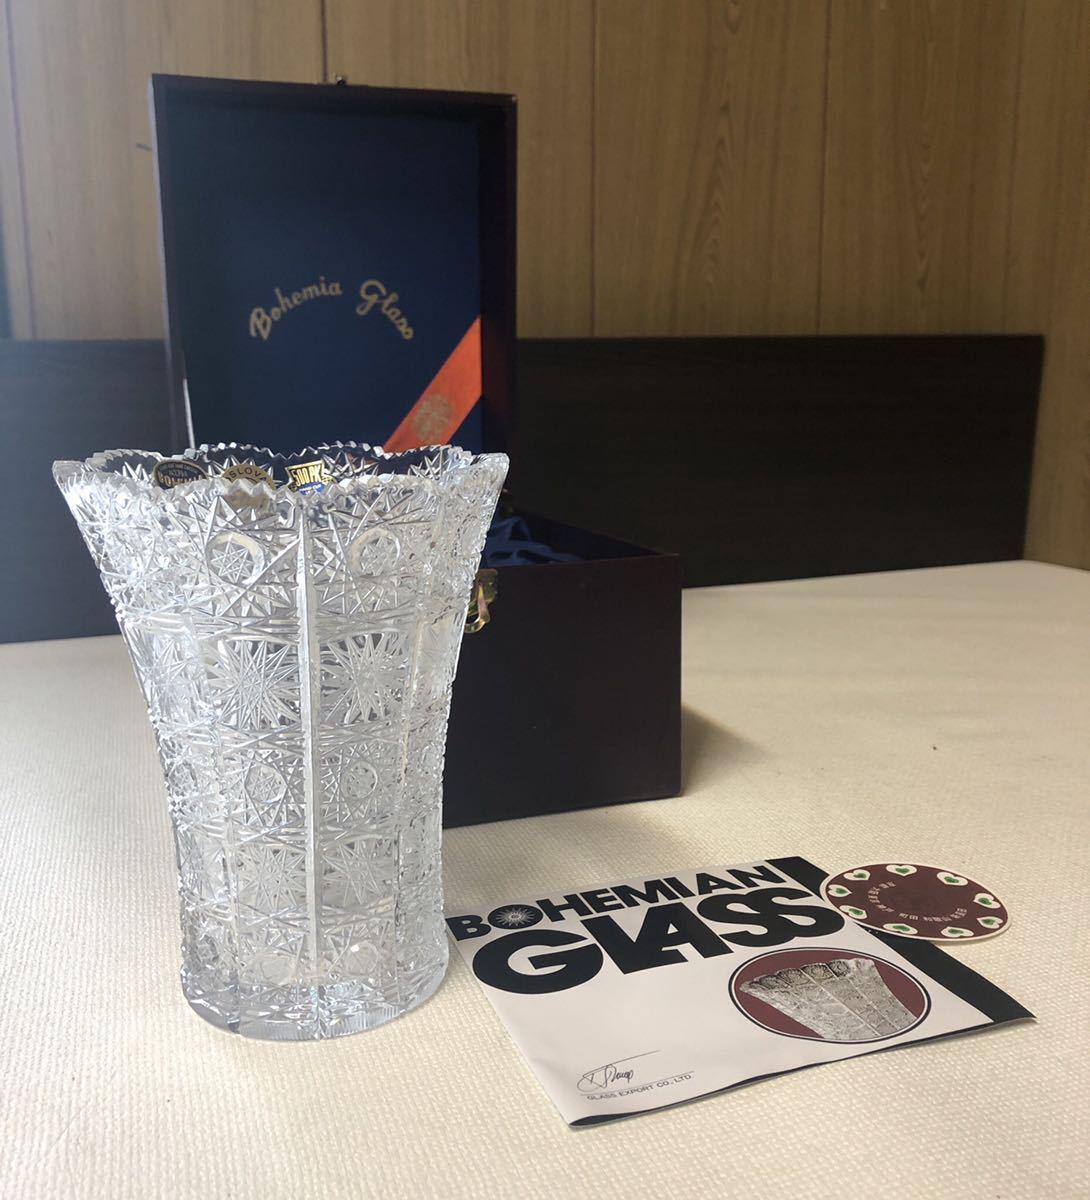 20A09-48:BOHEMIA ボヘミアクリスタル 500PK クリスタルガラス フラワーベース 花瓶 花器 切子 12×12×15_画像1